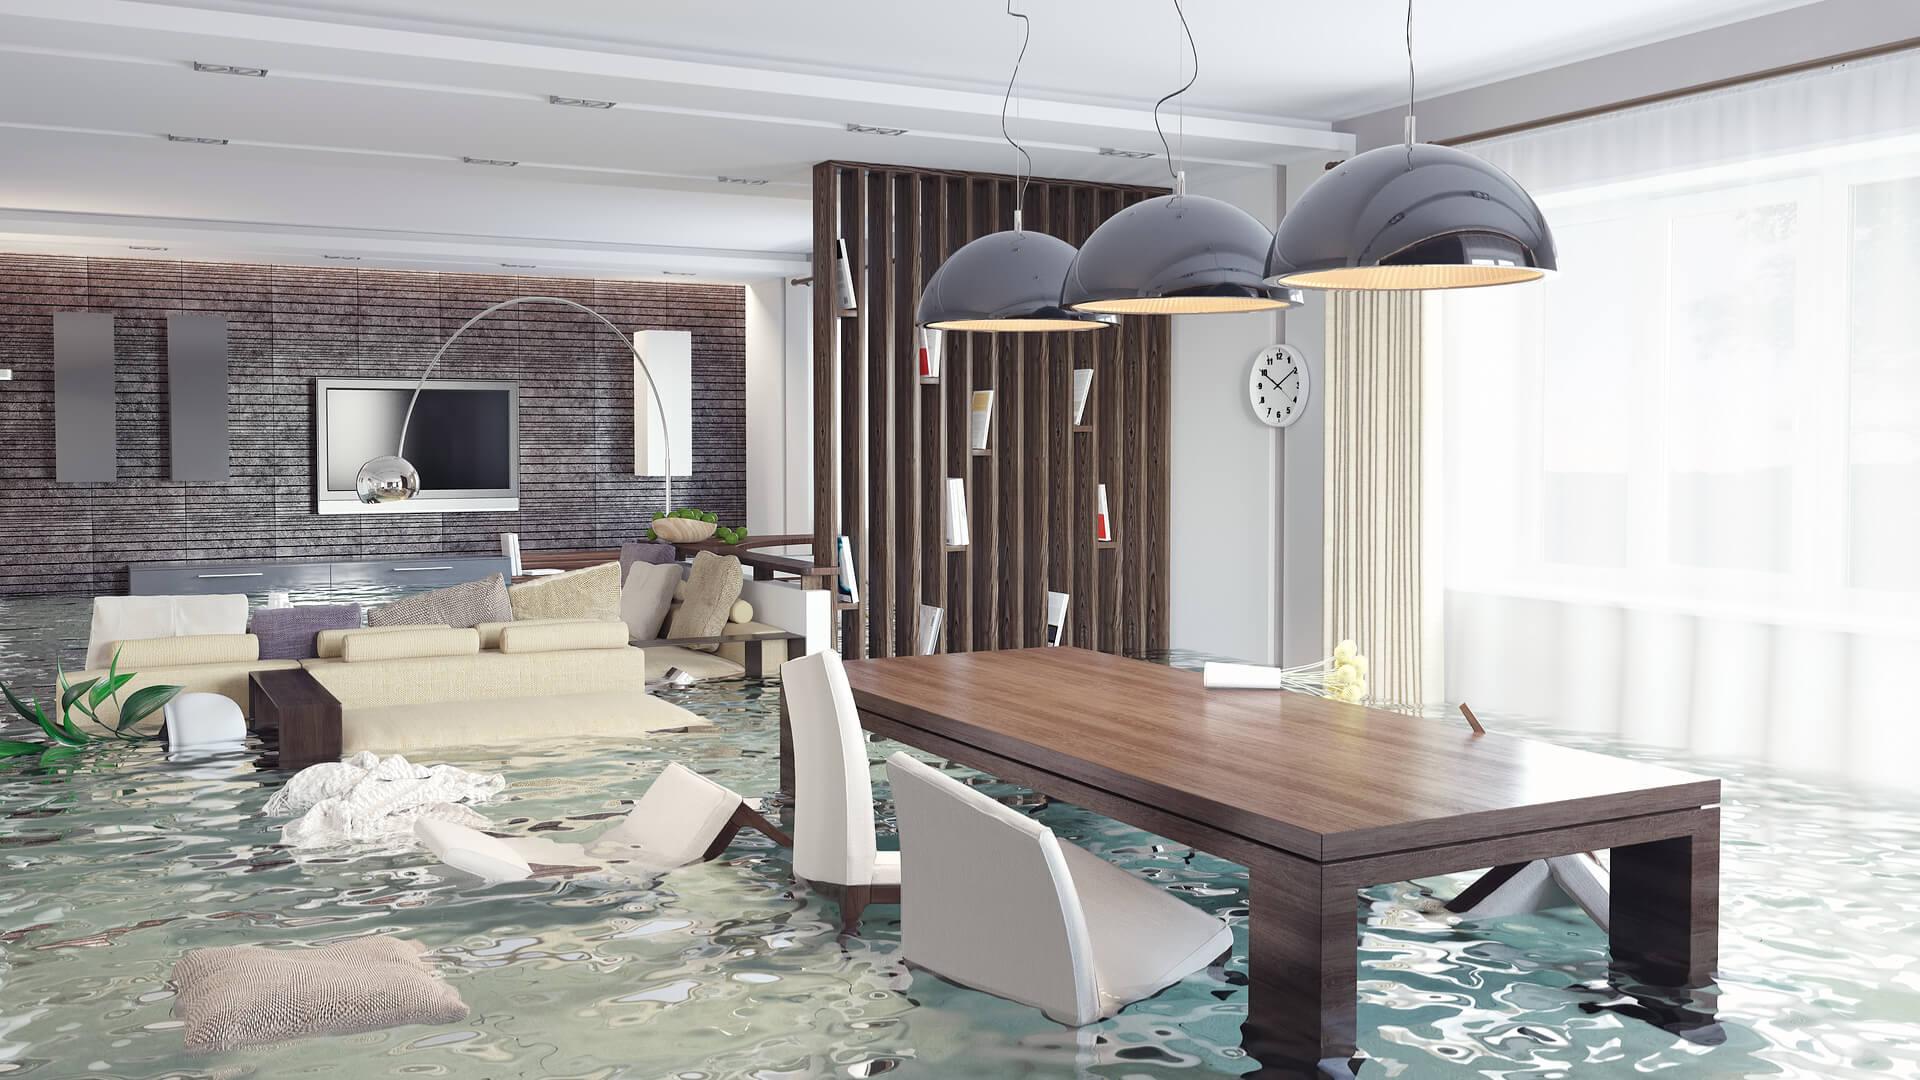 Top Bautrocknung NRW | Wasserschaden: Trocknung nach Plan BJ08